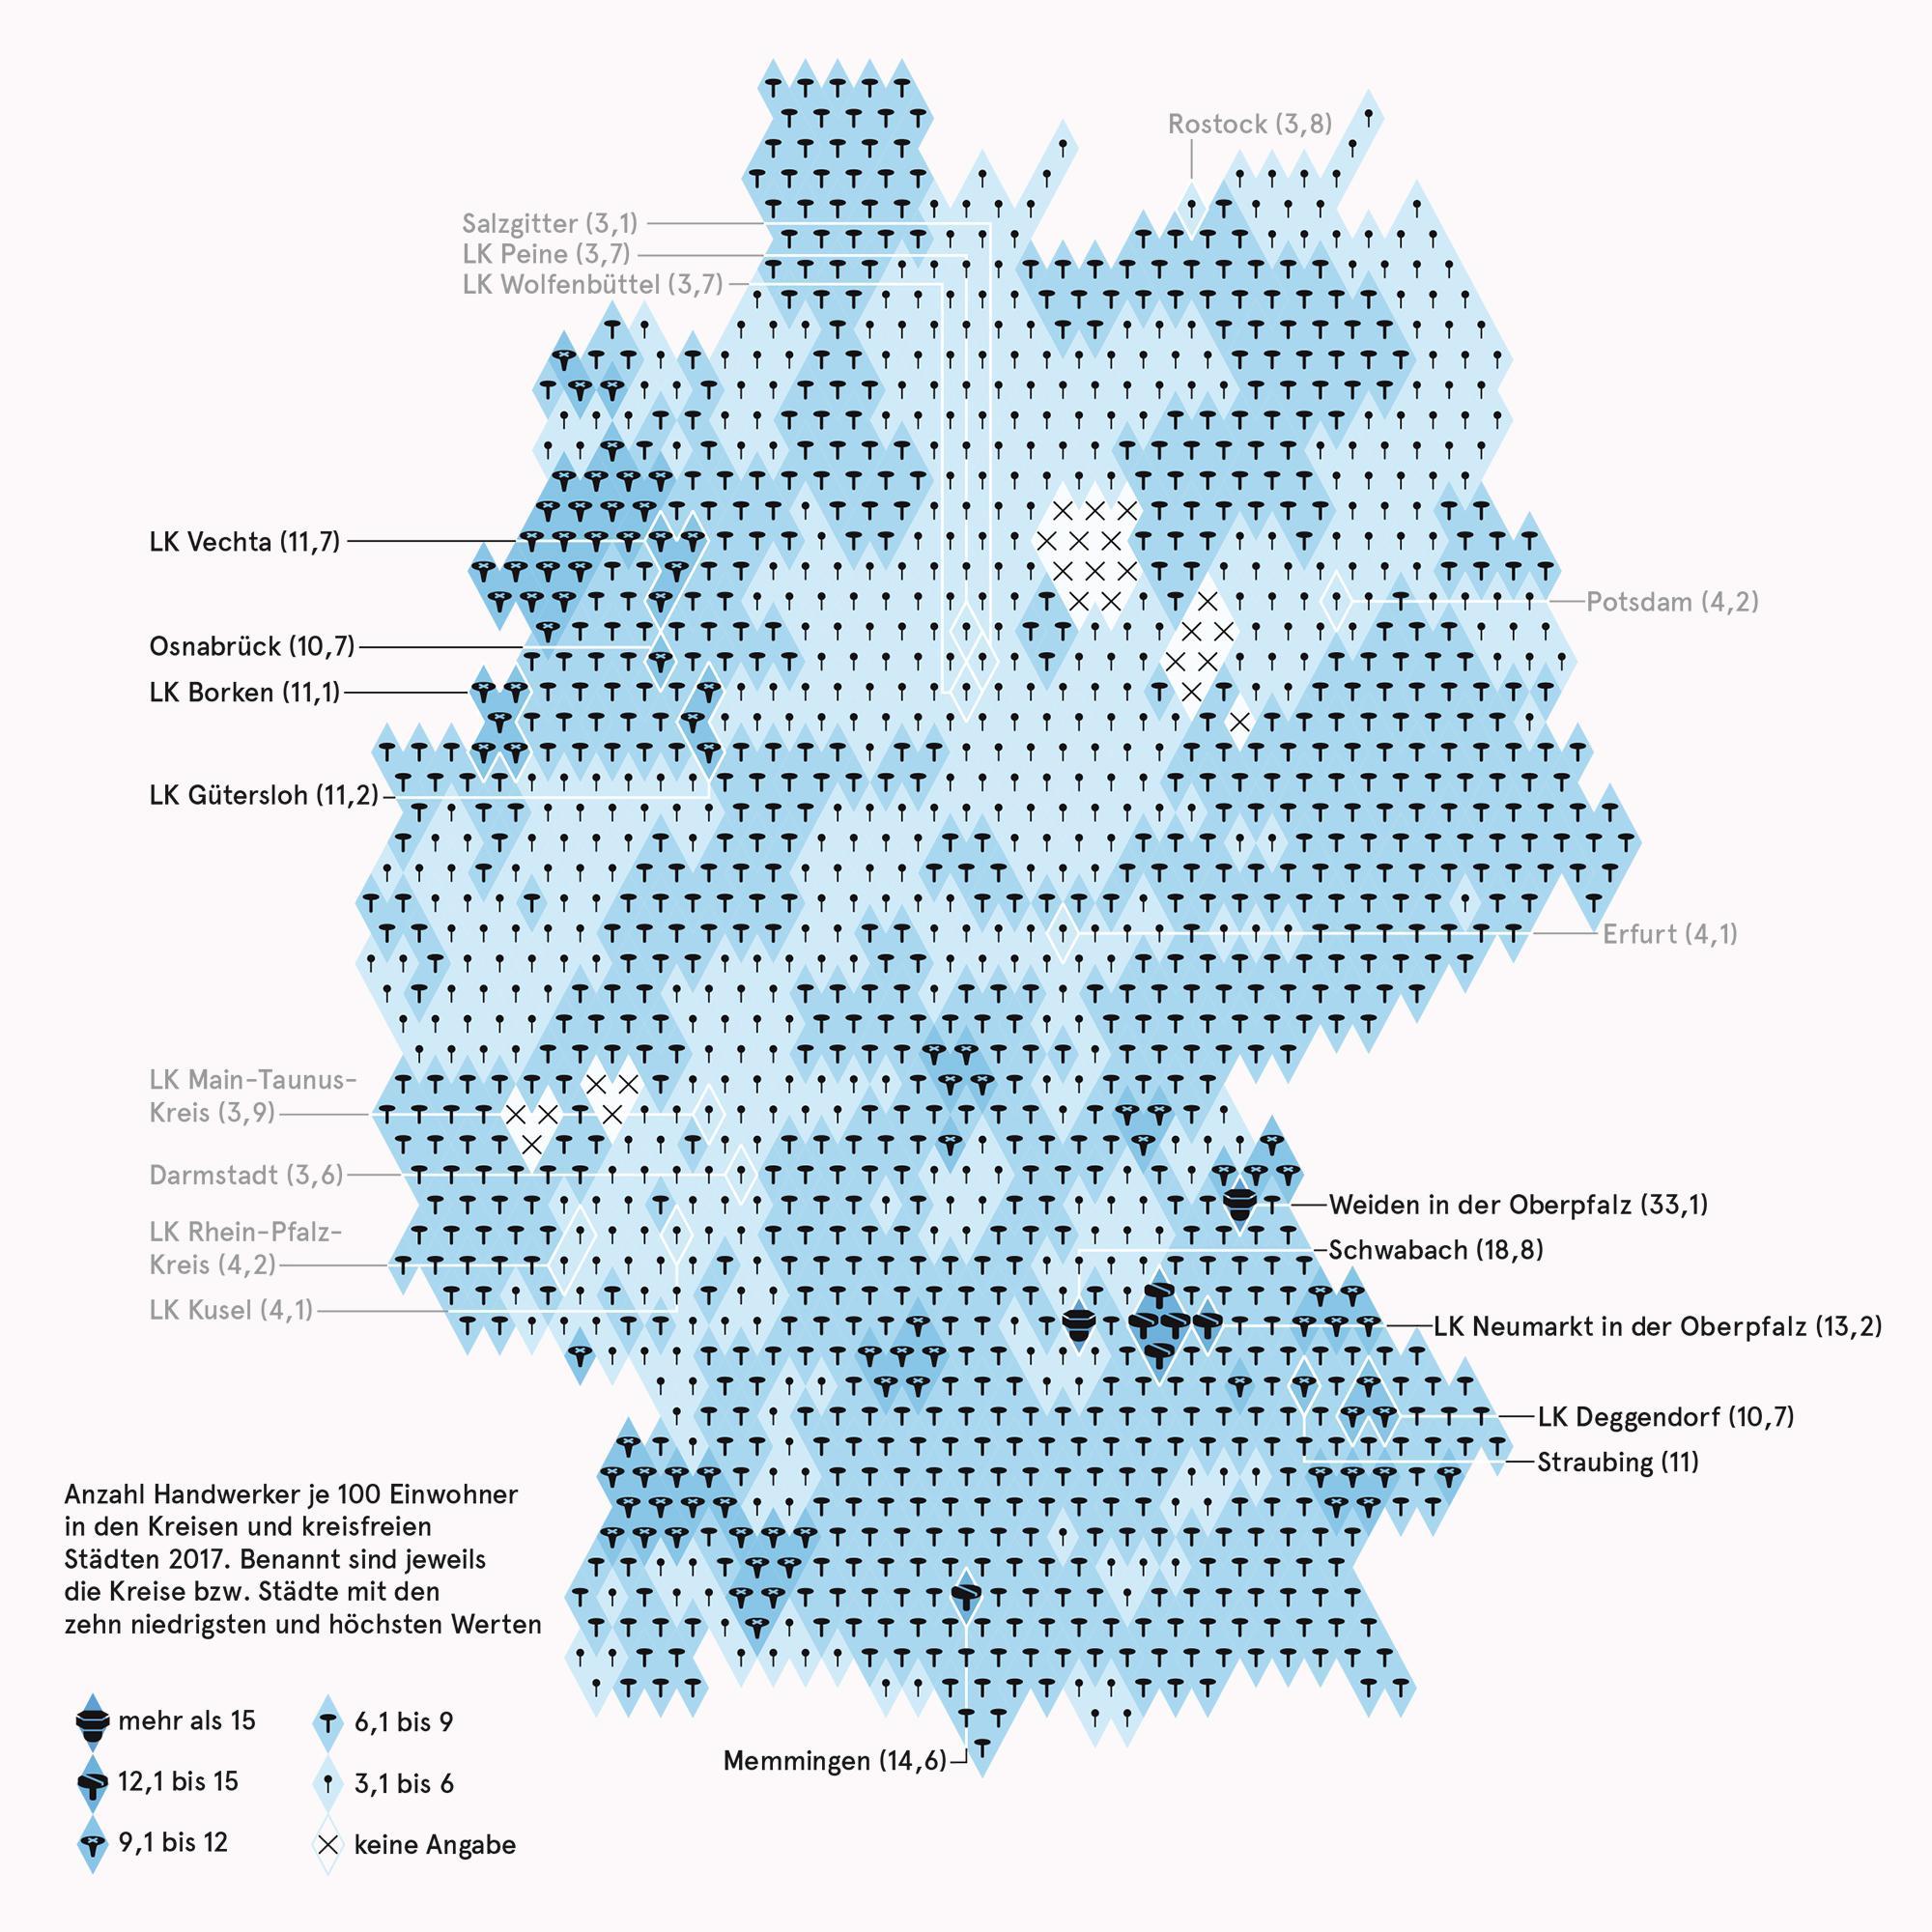 Deutschland: Handwerker